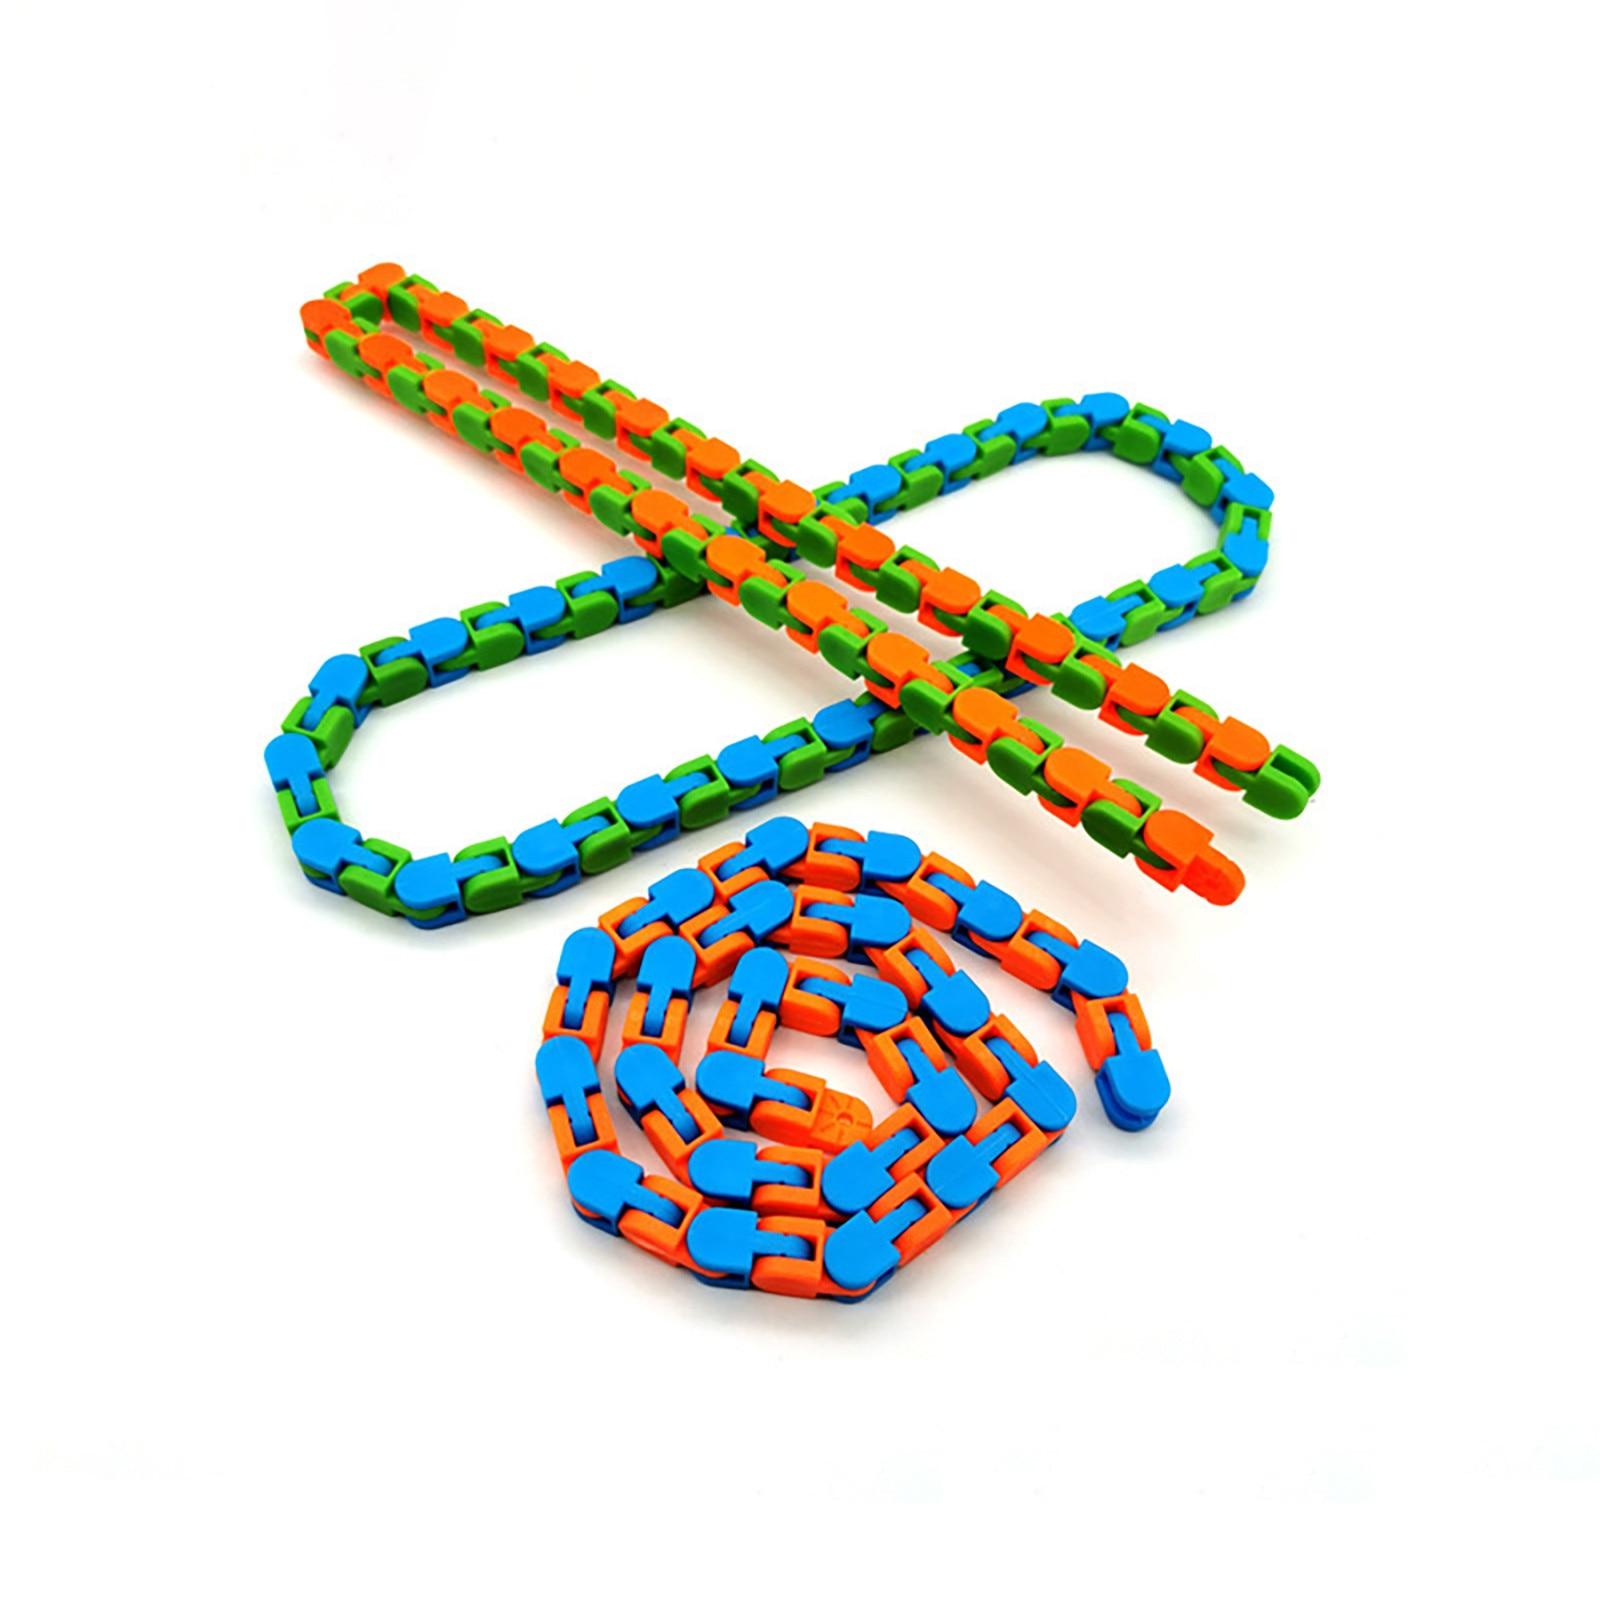 Toy Bracelet Fidget-Chain Adult Educatiaonal-Toys Anti-Stress Children for Spinner Snake img4